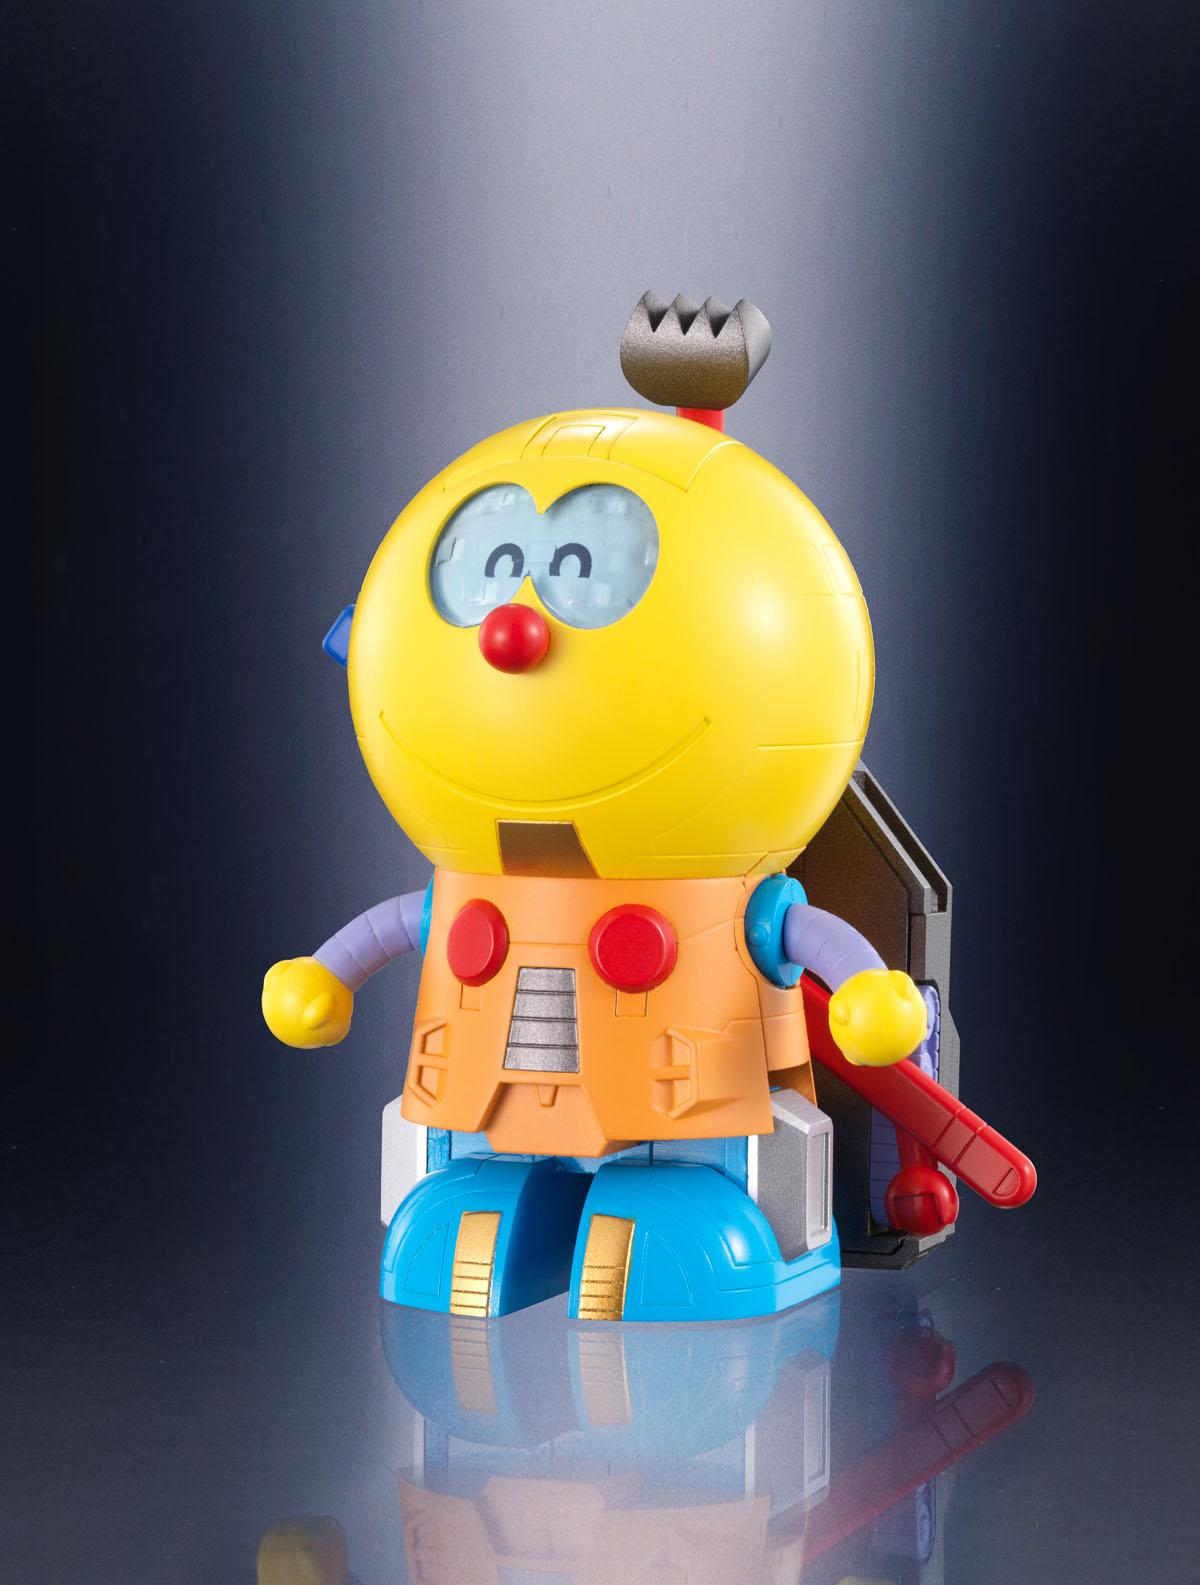 コロ助ロボット